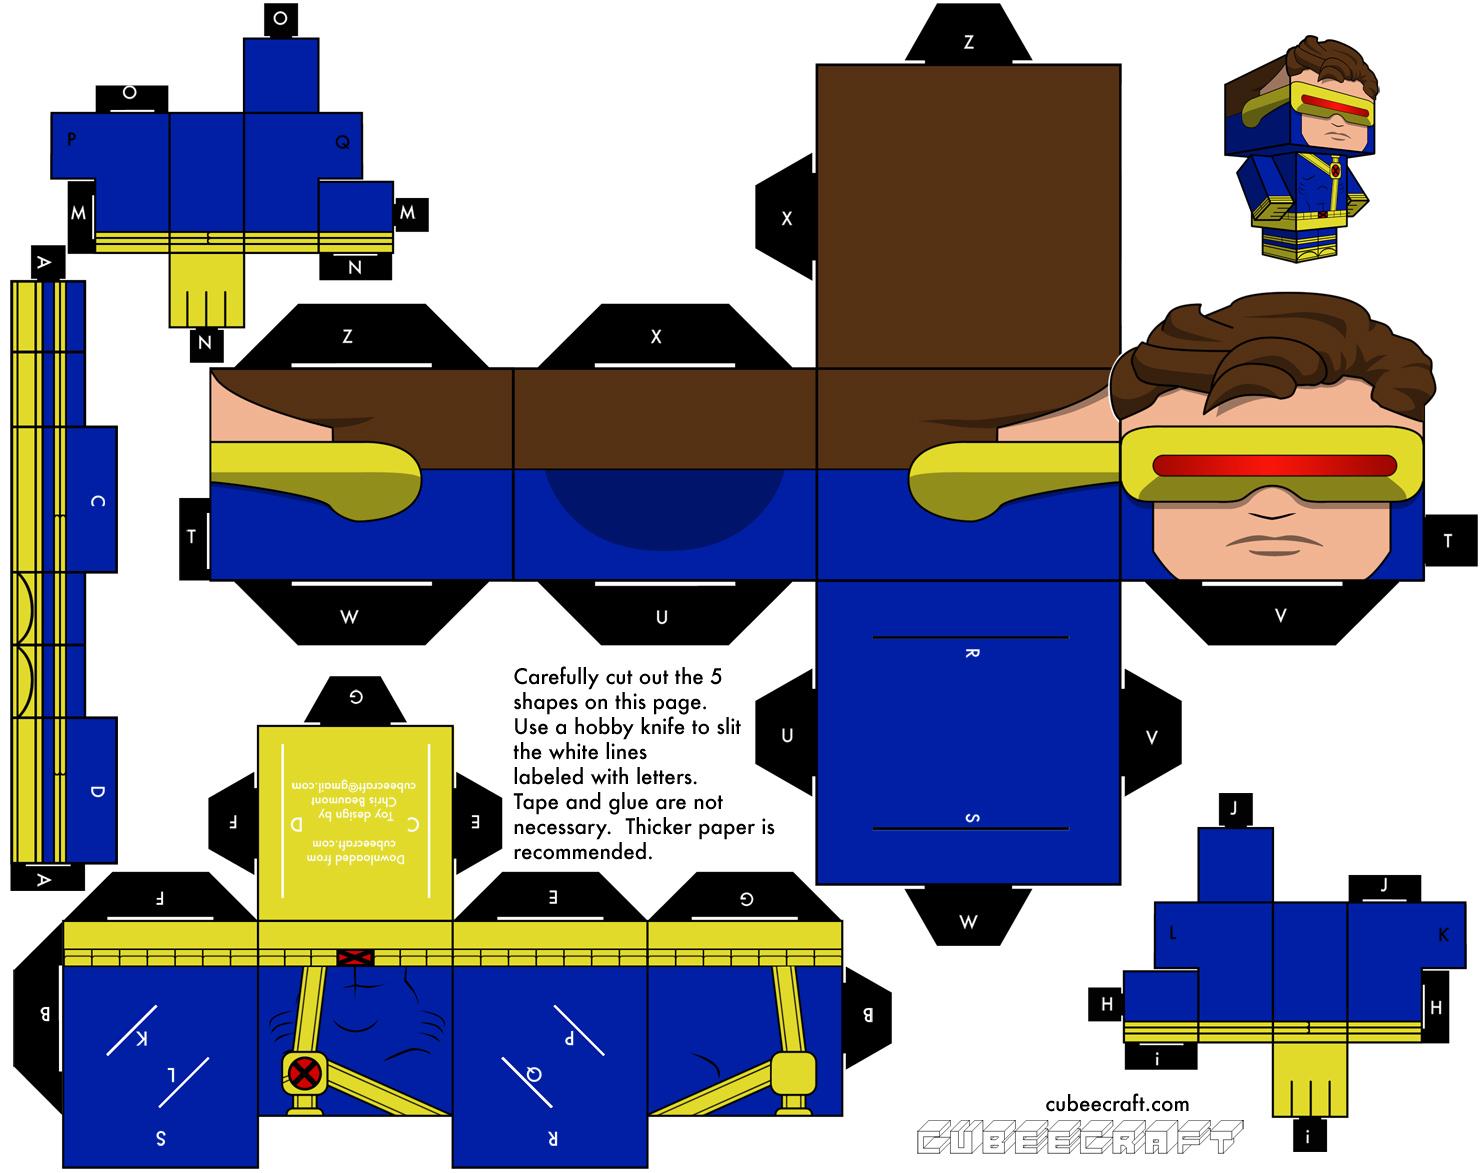 ?? Как сделать железную пластину в майнкрафт индустриал крафт 2 - henrideuil.cf